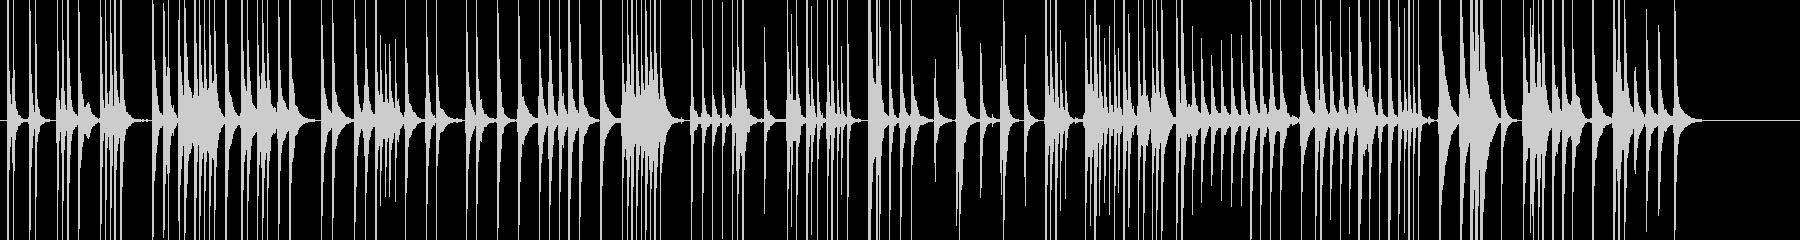 三味線111連獅子4一声歌舞伎生音和風親の未再生の波形